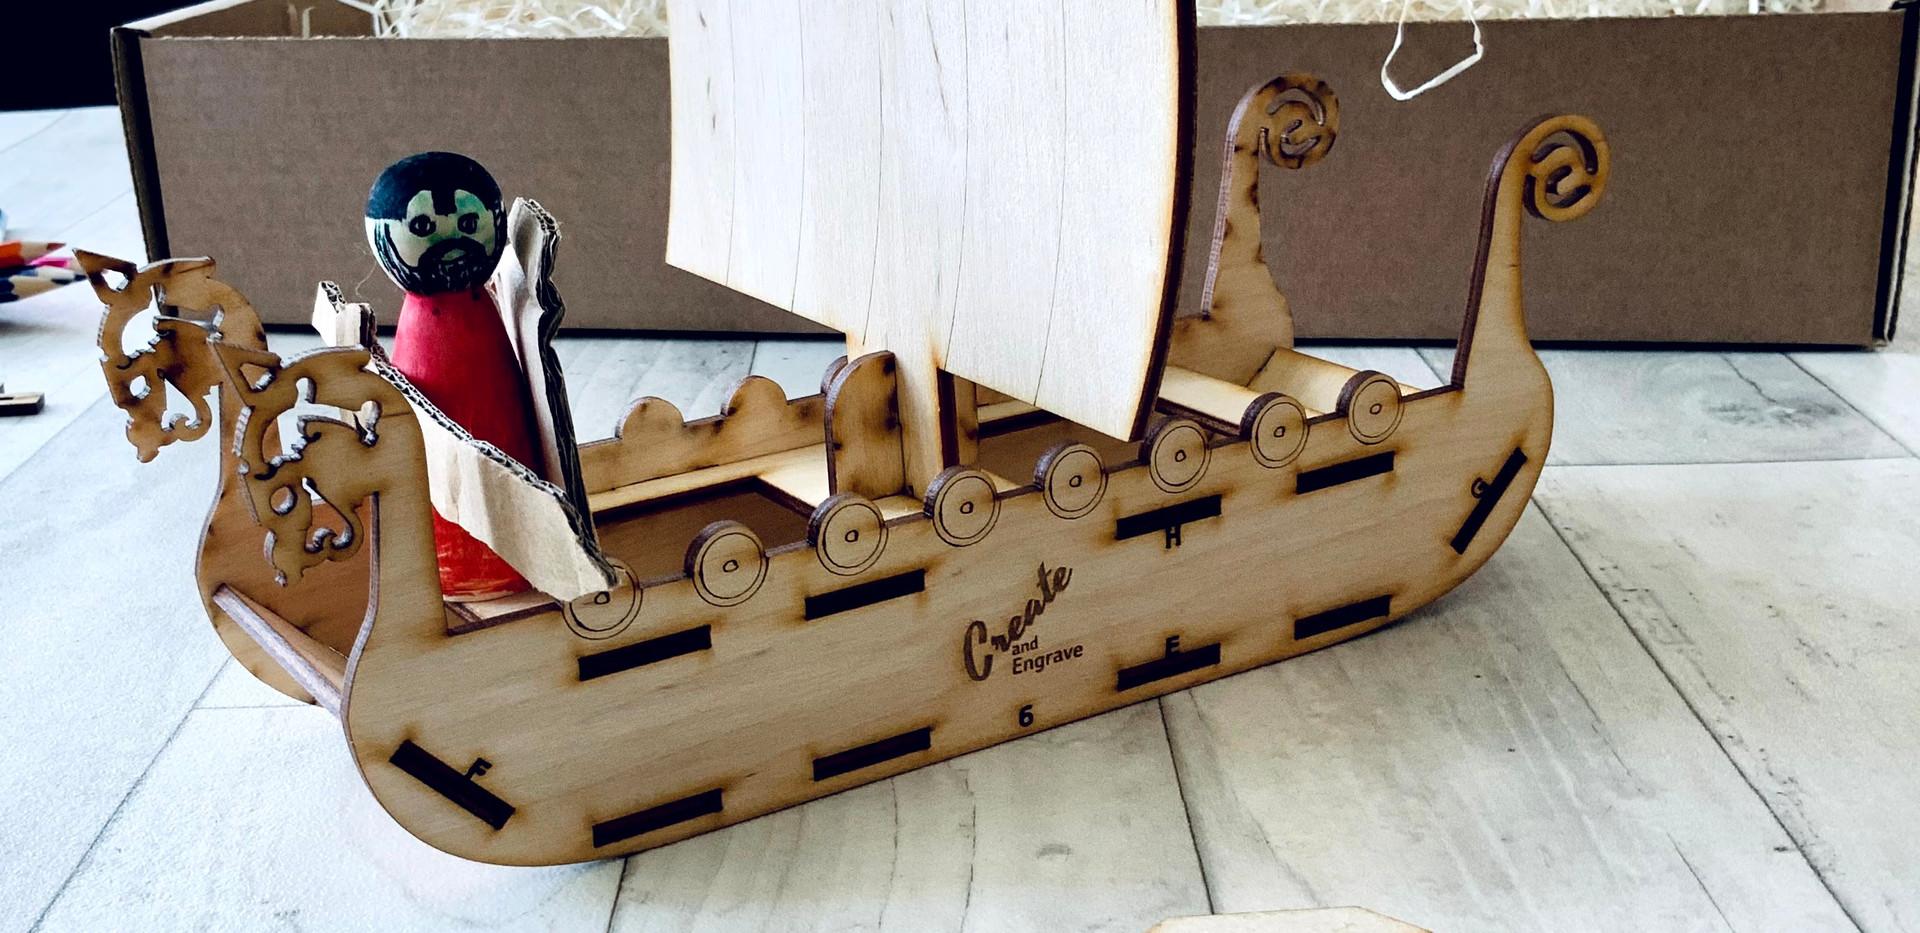 The viking box